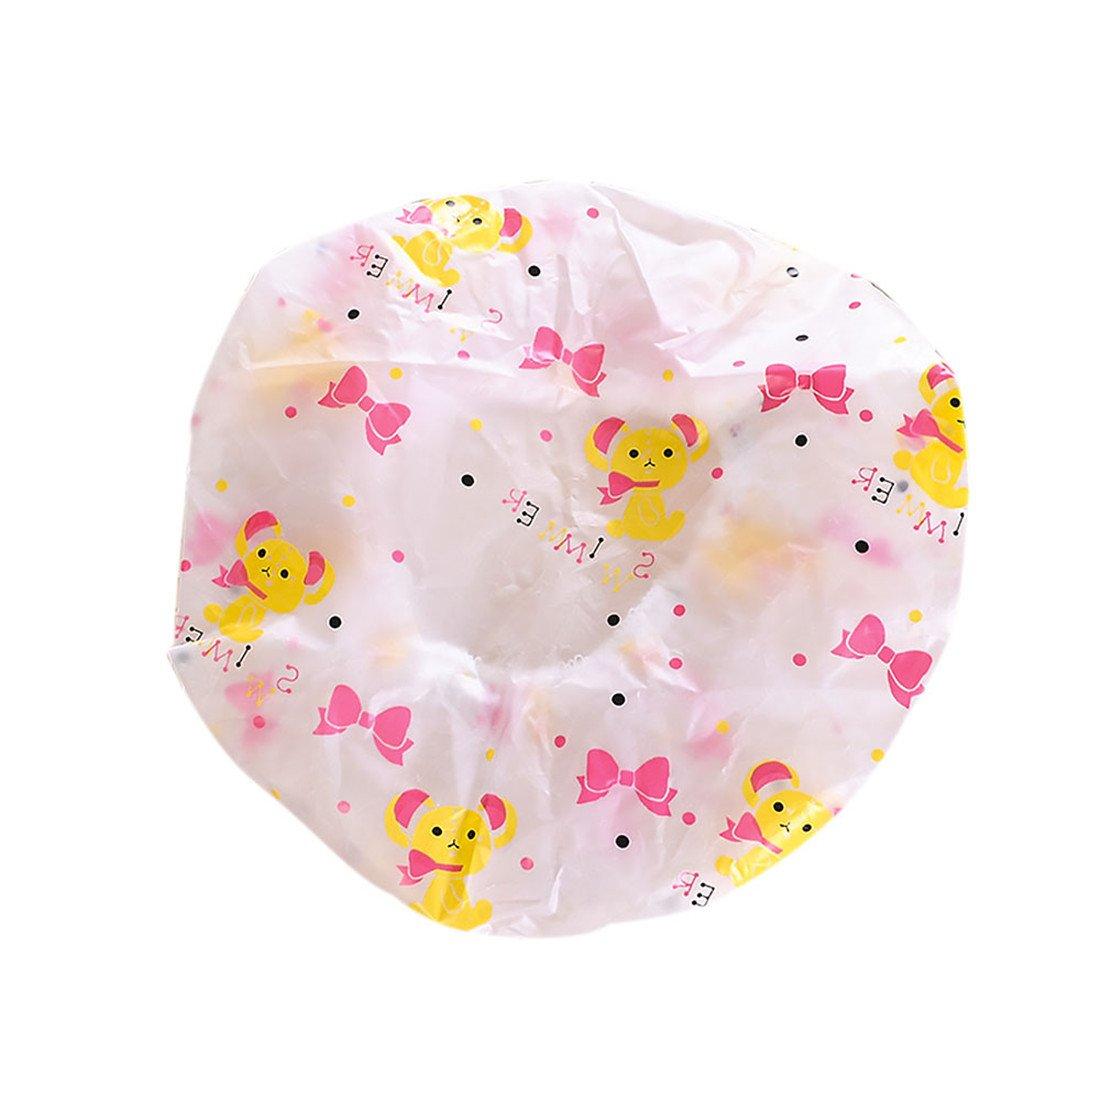 Ctgvh mignon Bonnet de douche, plastique Bain élastique étanche Maquillage capuchon pour les femmes filles (Motif ours)